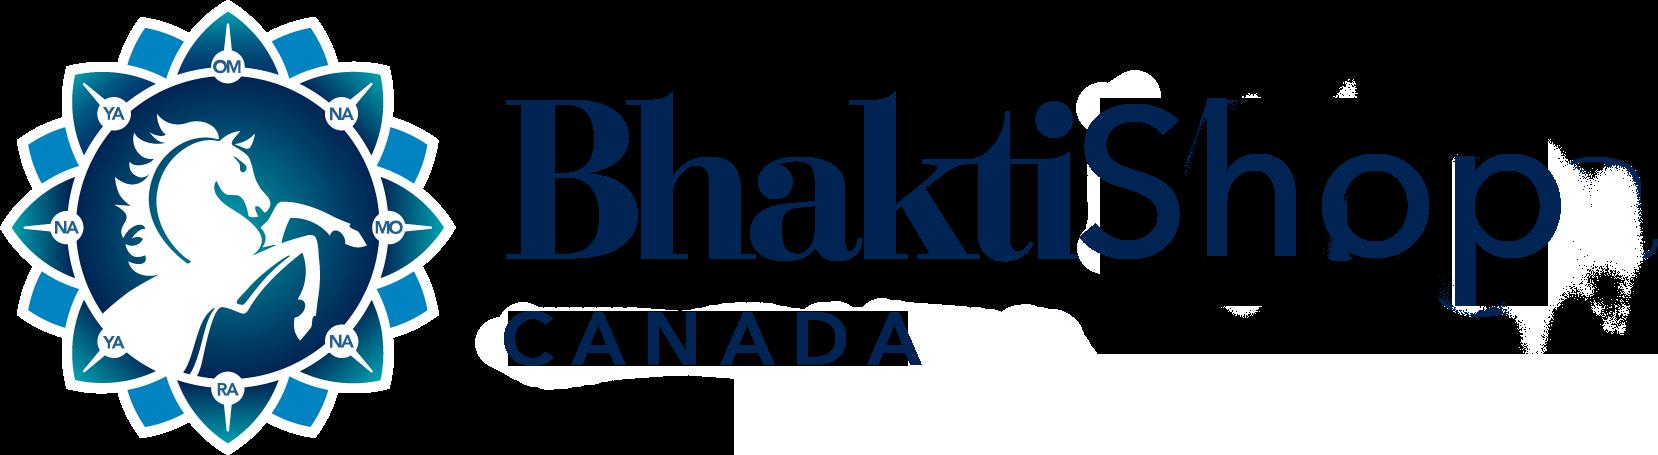 BhaktiShop Canada